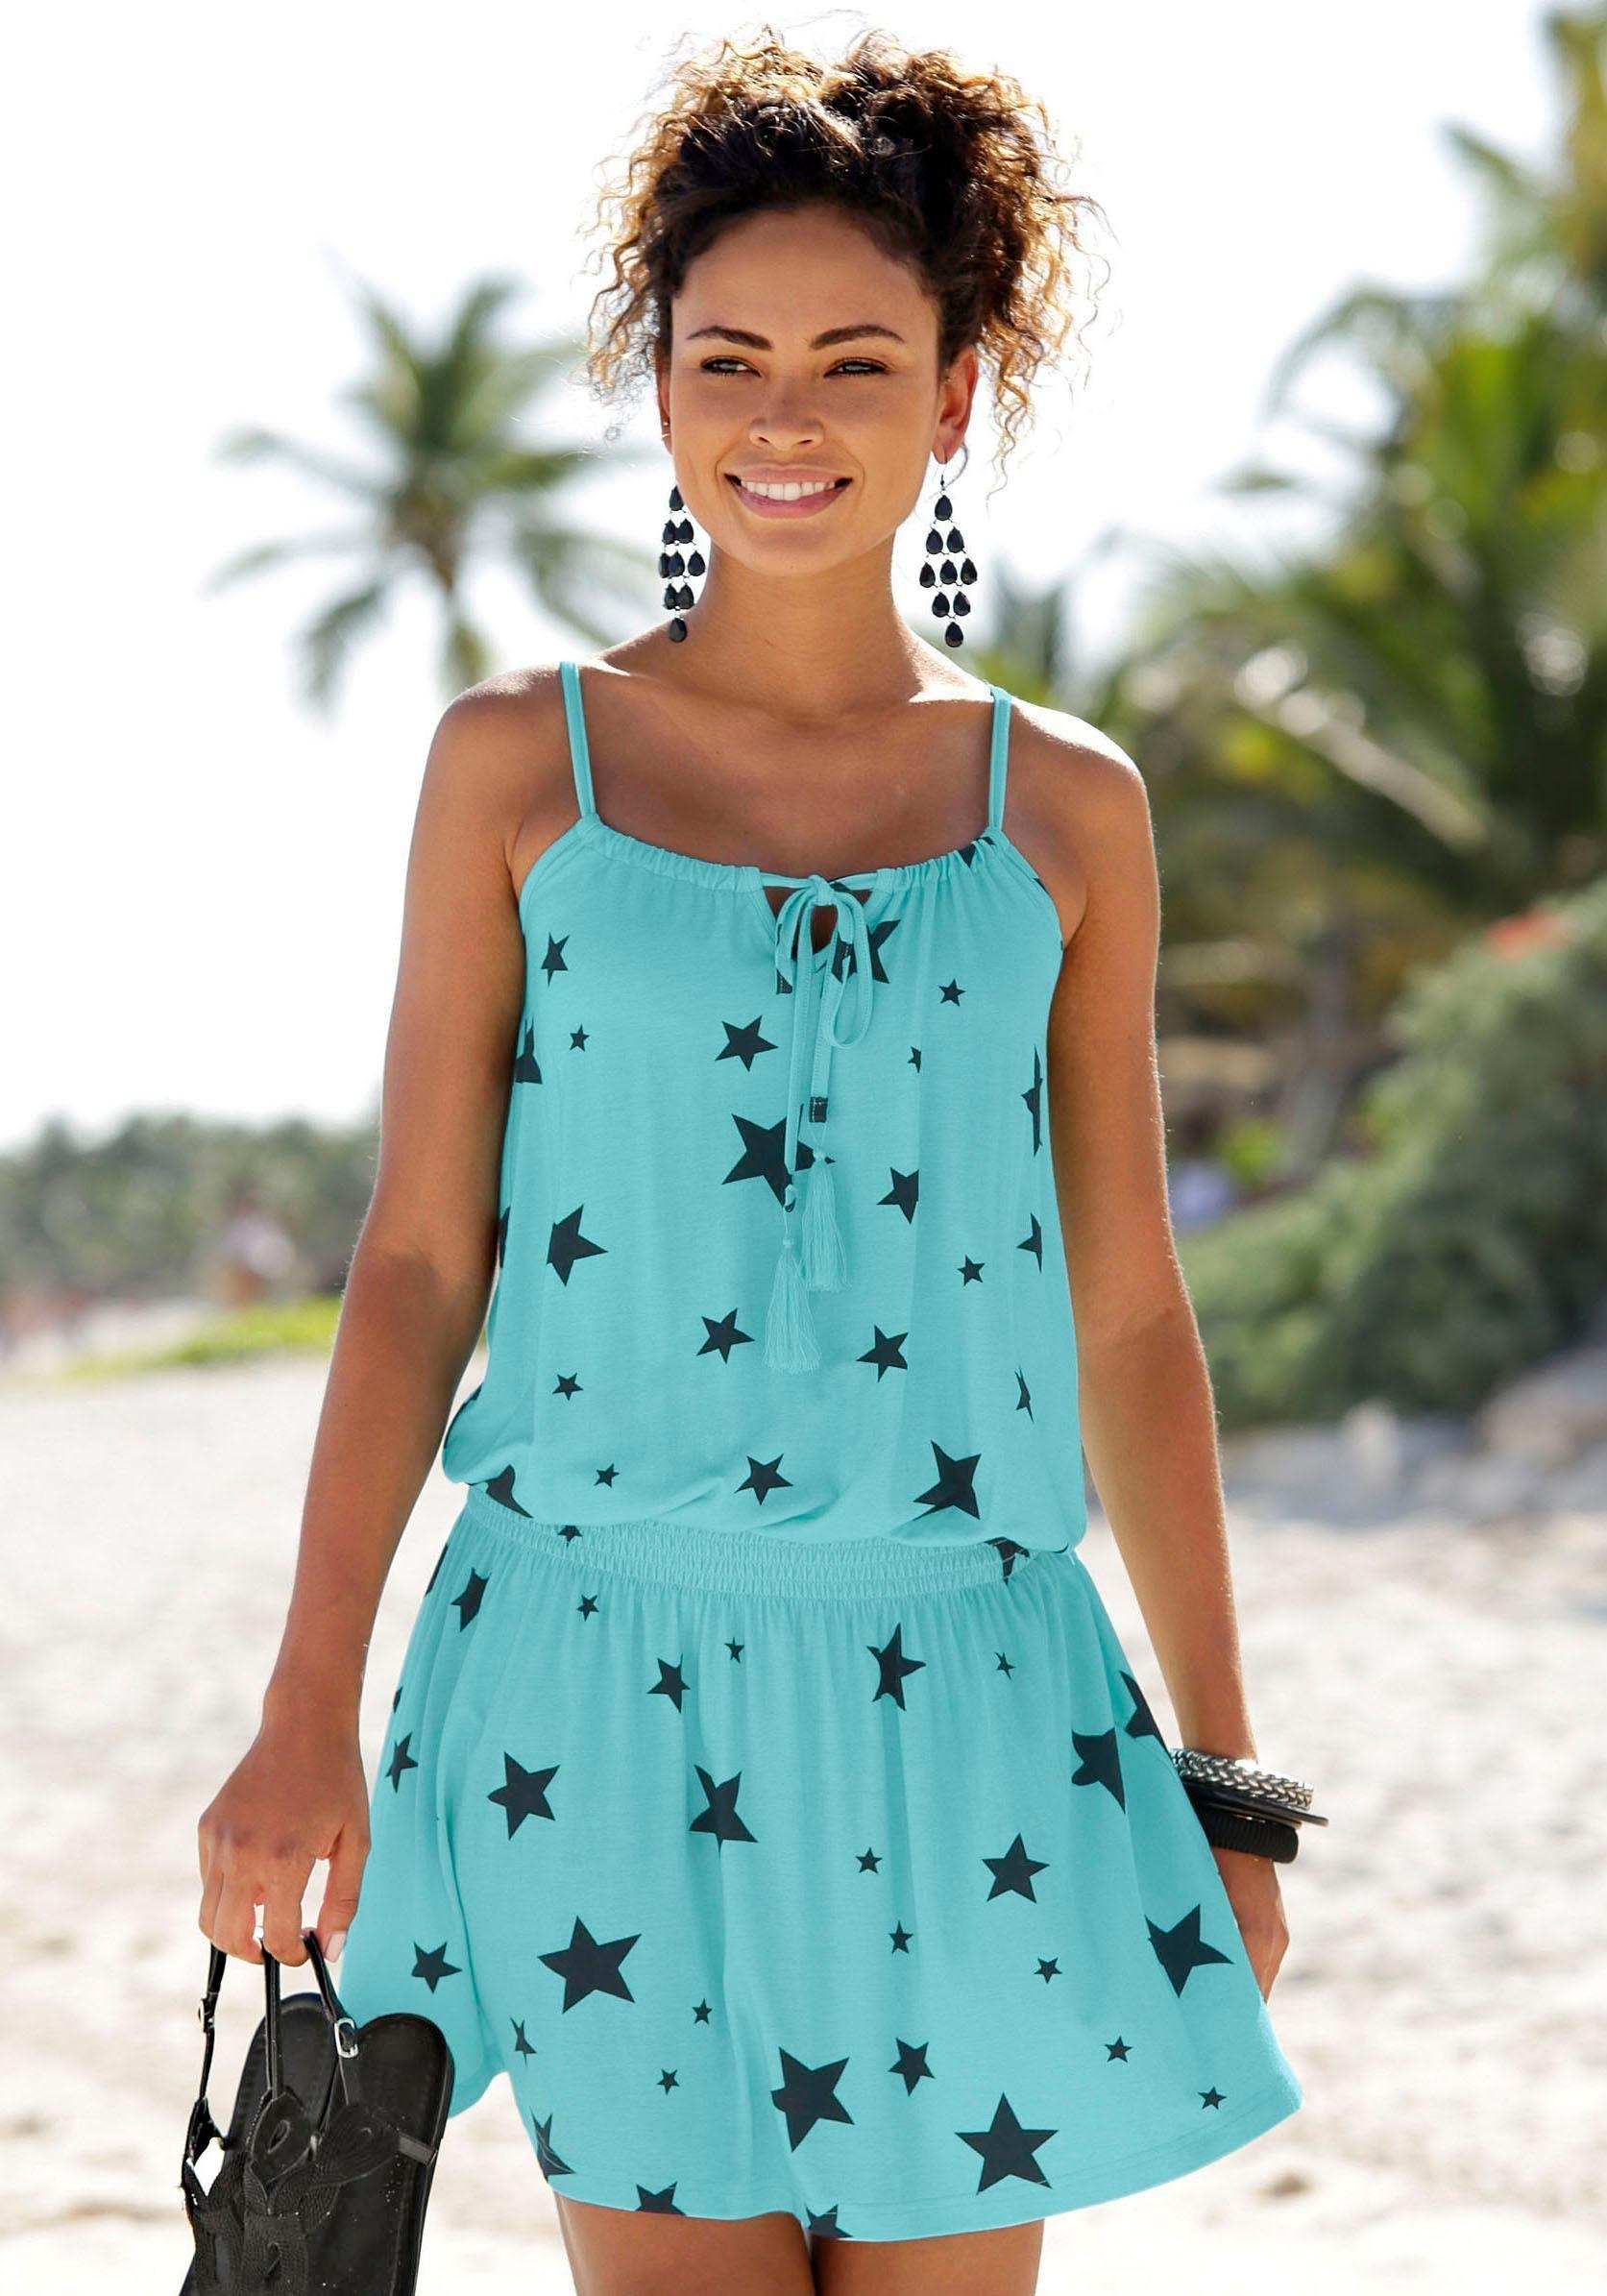 Beachtime Zomerjurk met sterrenprint in de webshop van Lascana kopen